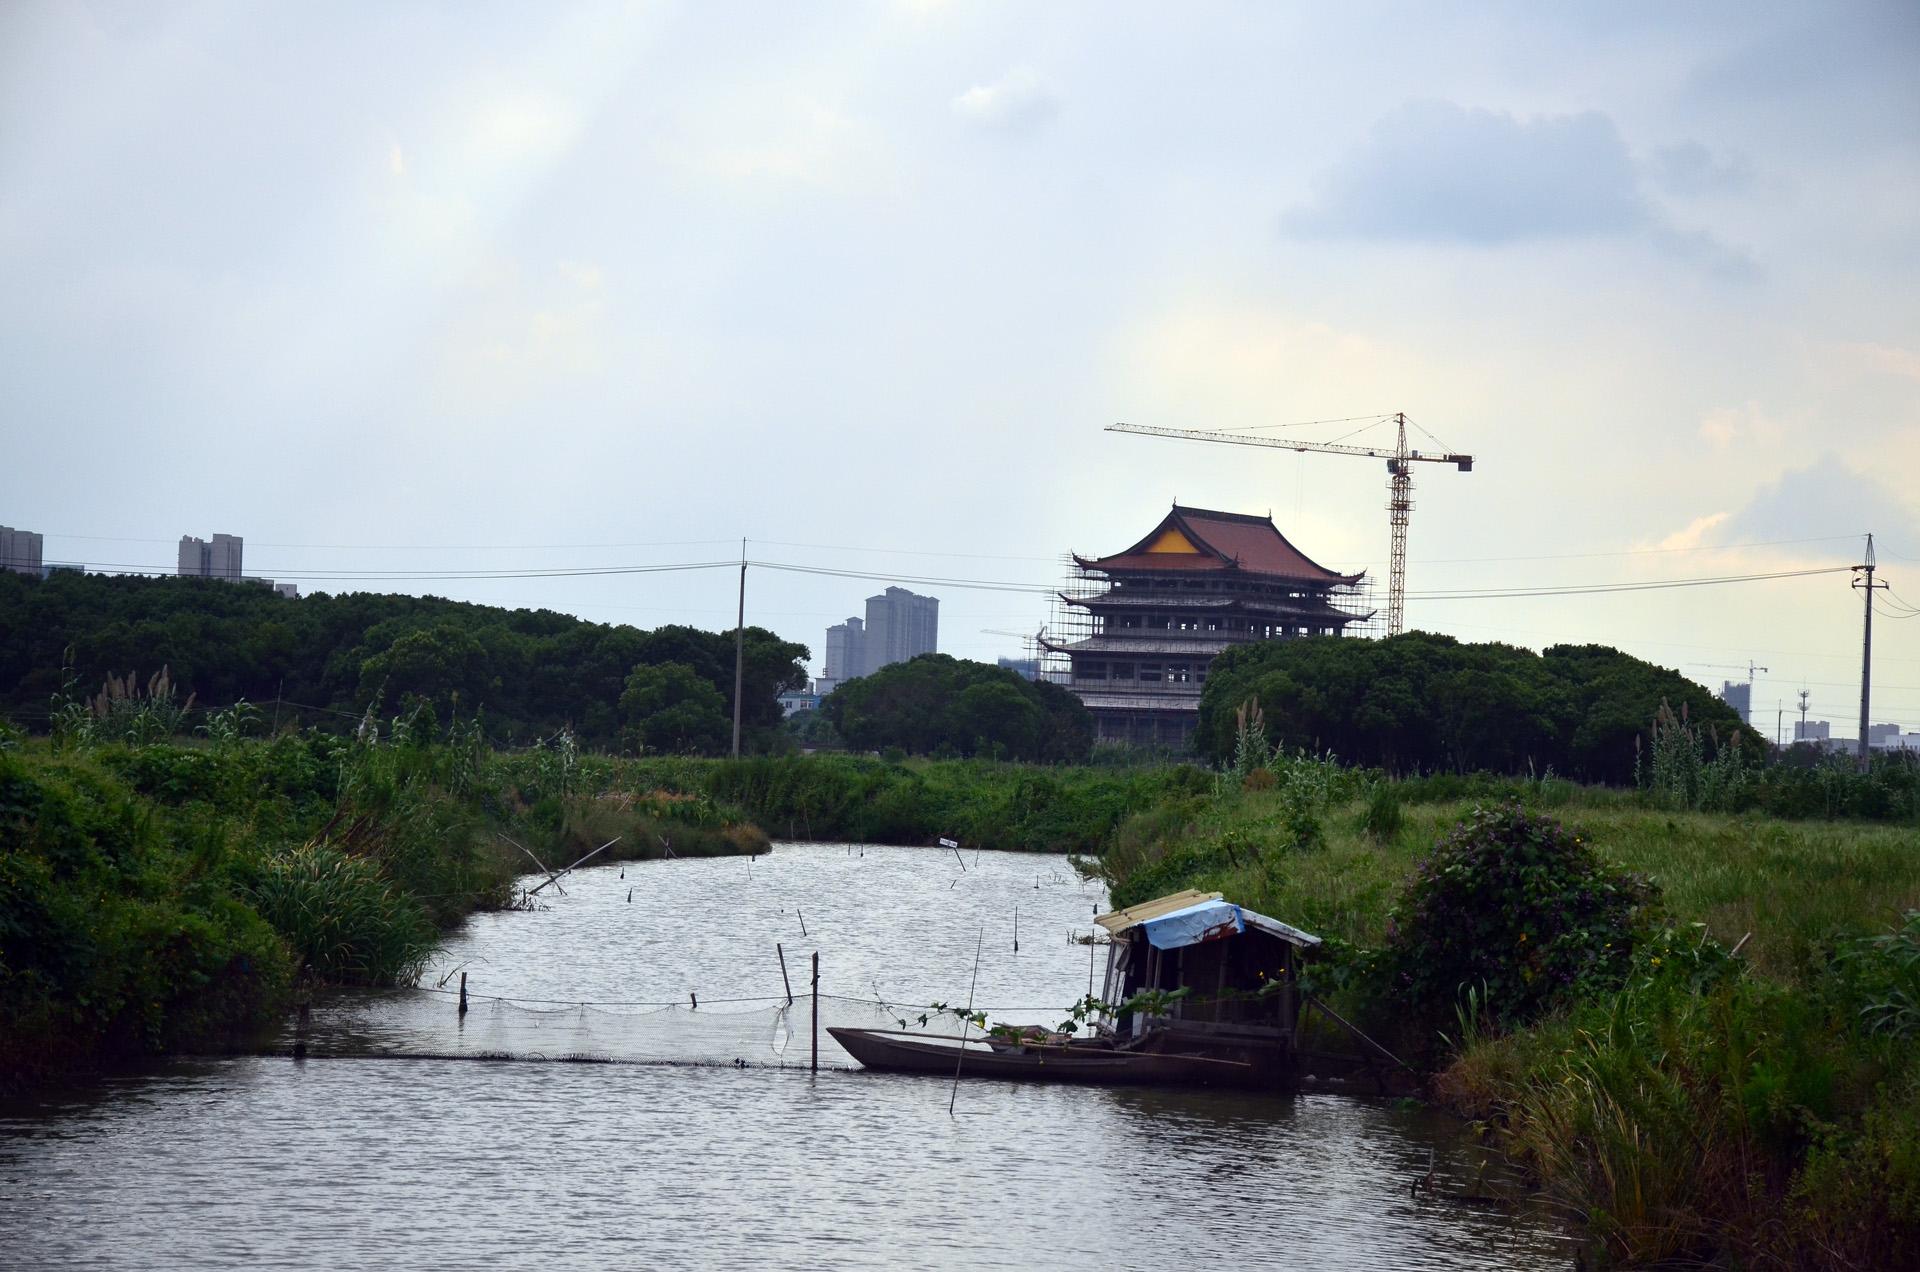 远景多角度太仓海天禅寺红庙的宏伟和江南缥缈正在建设的后殿 这里是太仓 摄影 第20张